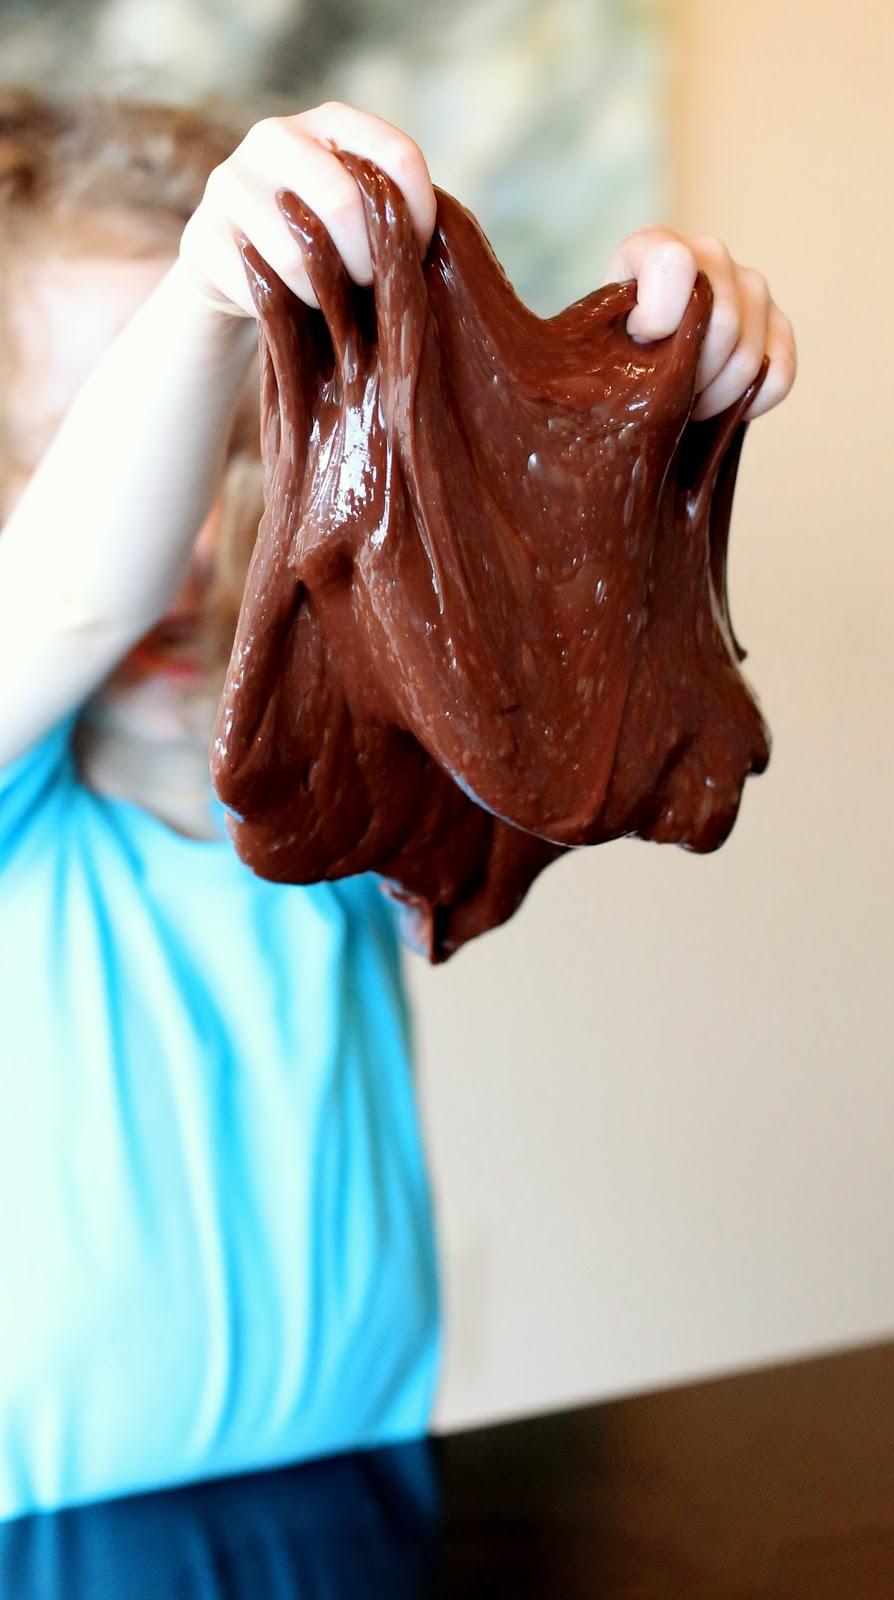 Лизун с ароматом шоколада-большой комок в руках ребенка